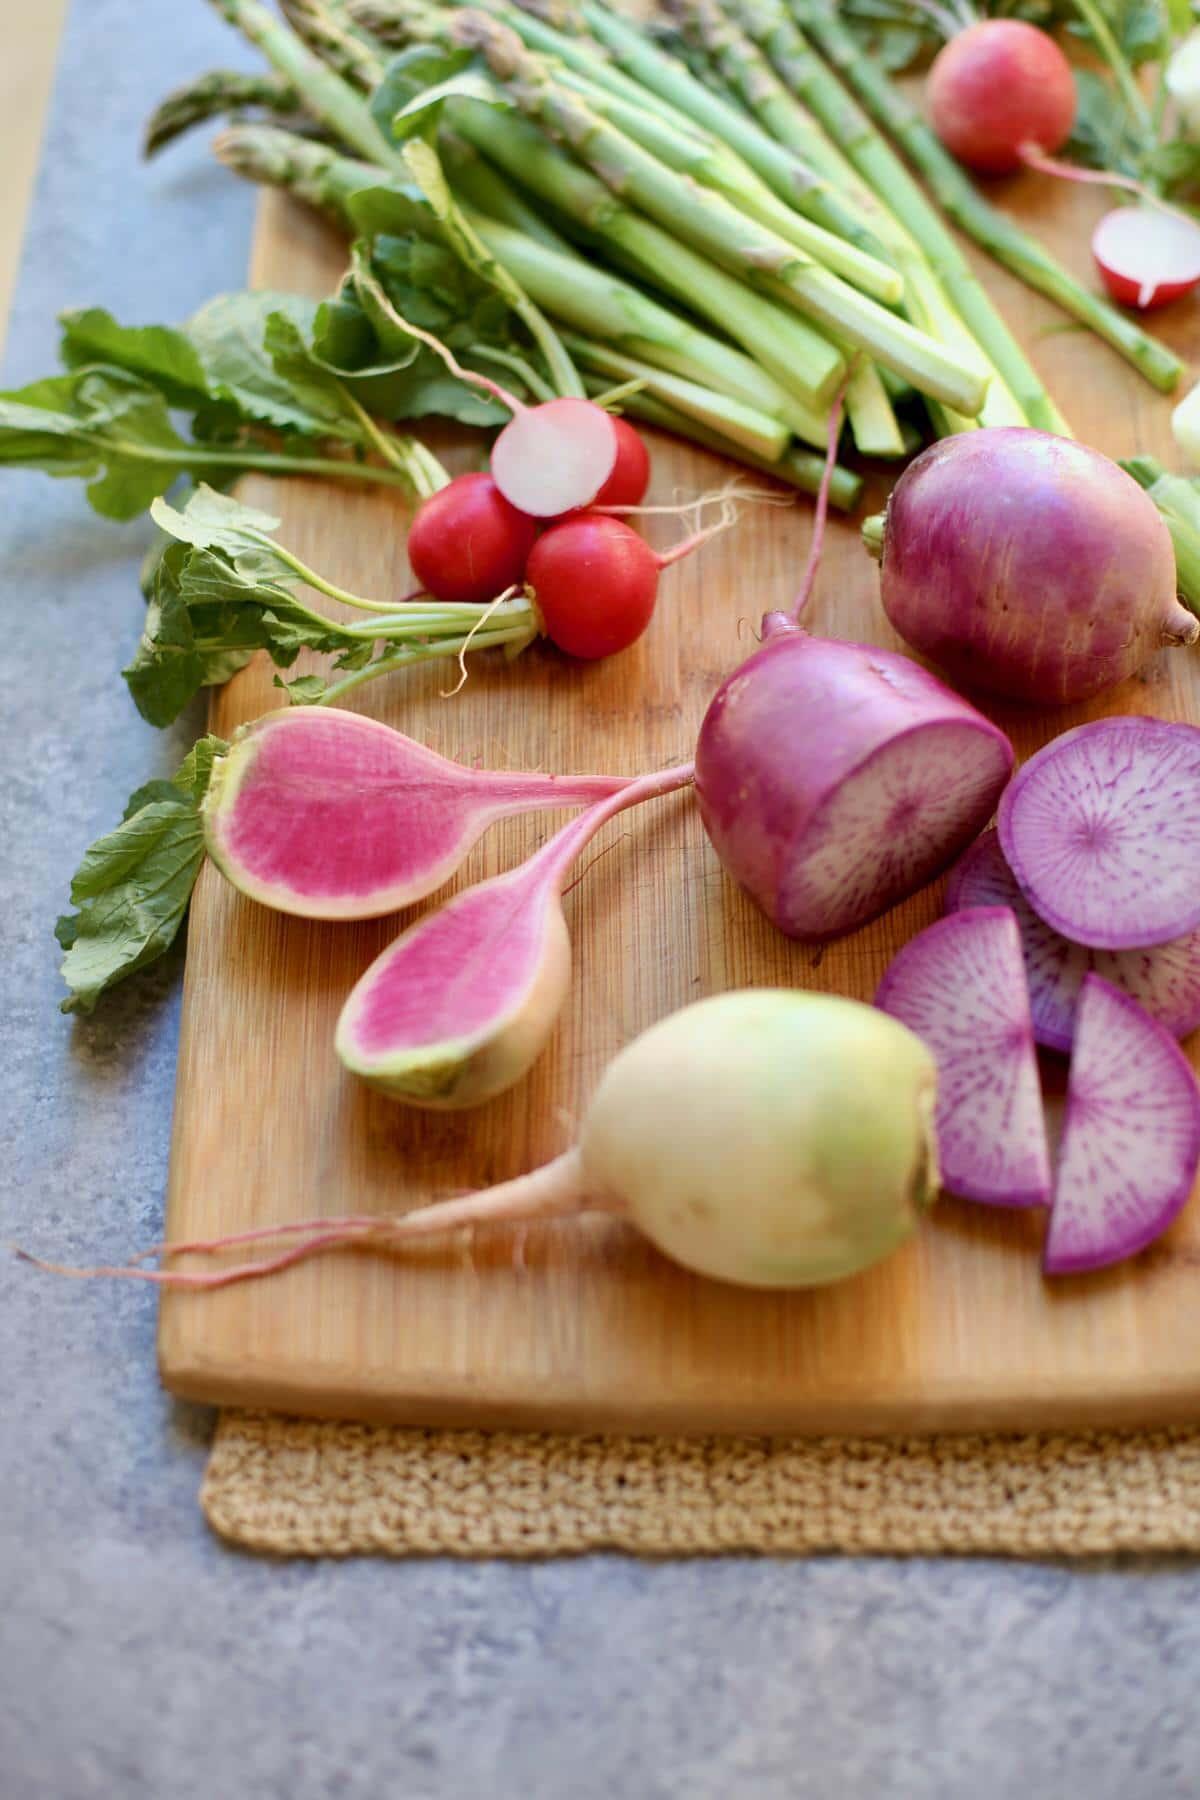 cut vegetables on a cutting board